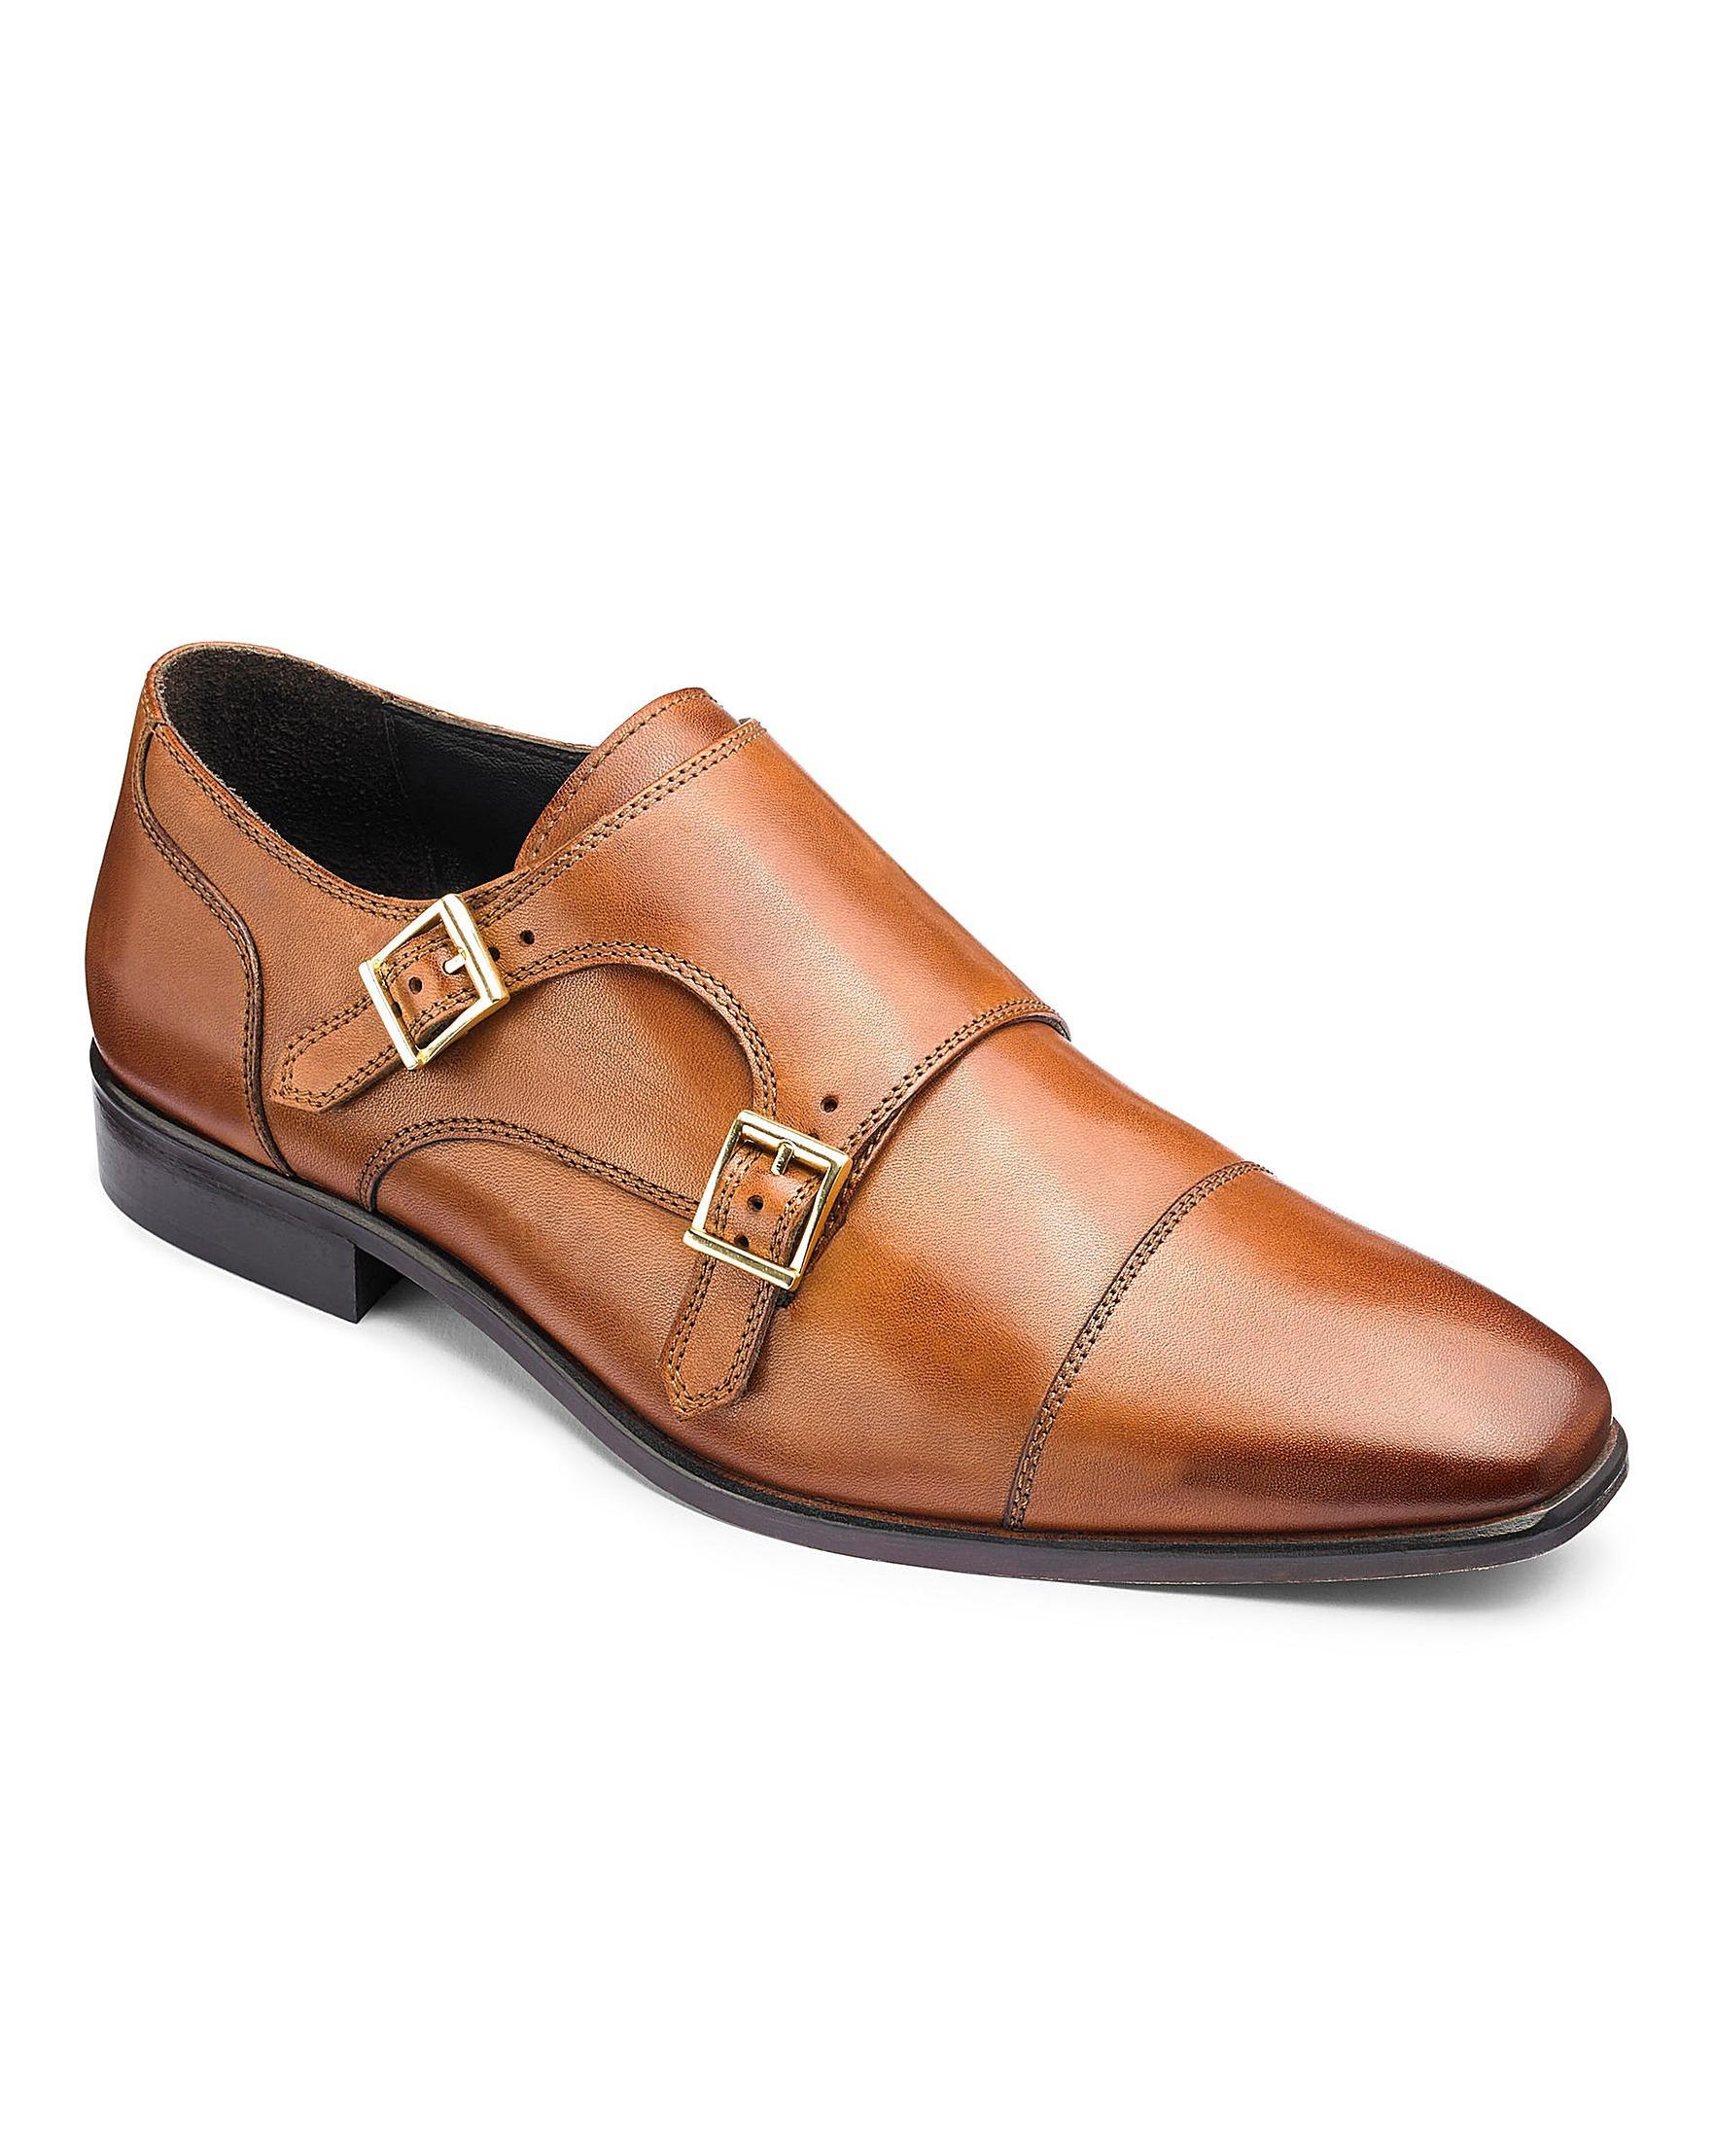 8d81463d3057b Jacamo Premium Leather Double Monk Shoes in Brown for Men - Lyst